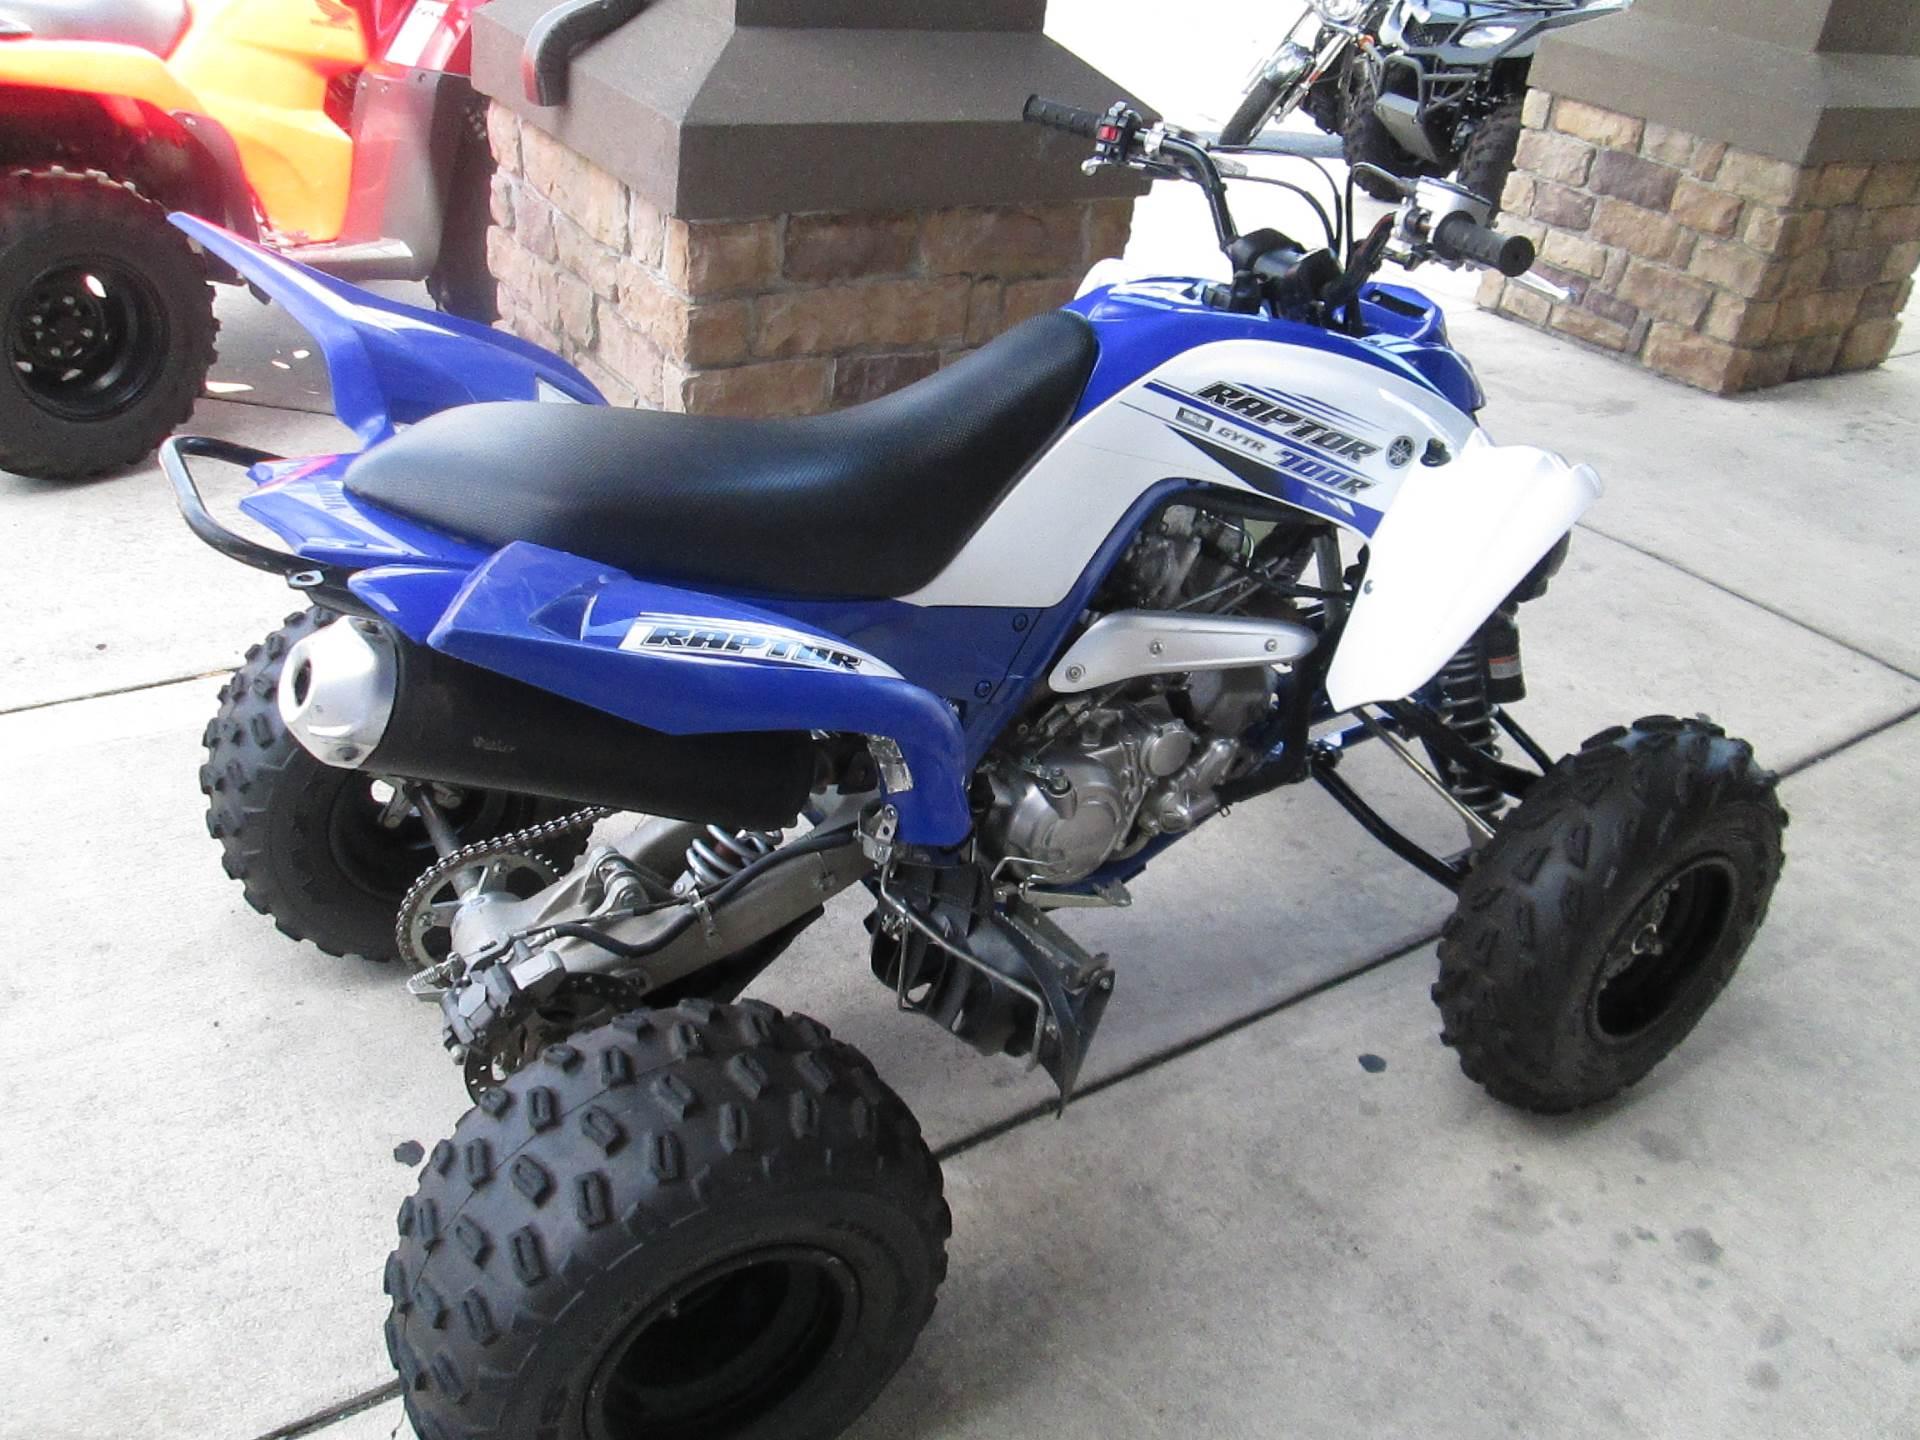 2016 Yamaha Raptor 700 5